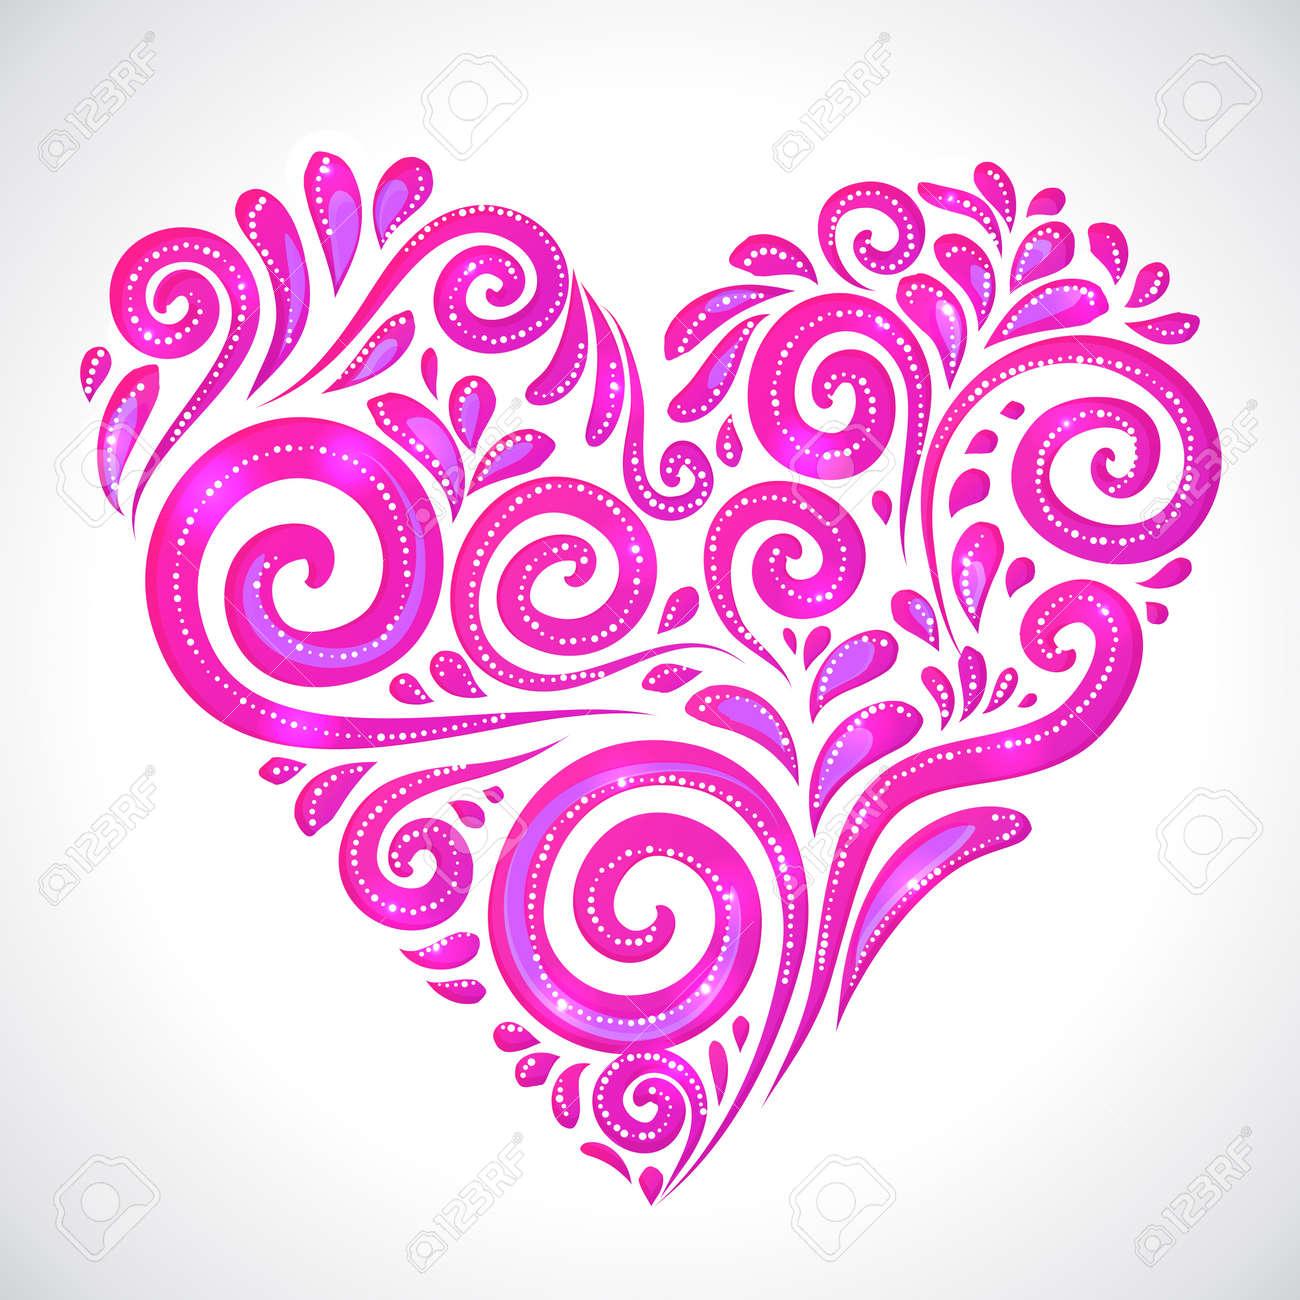 Blue vector ornate shining heart on white background Stock Vector - 16933234